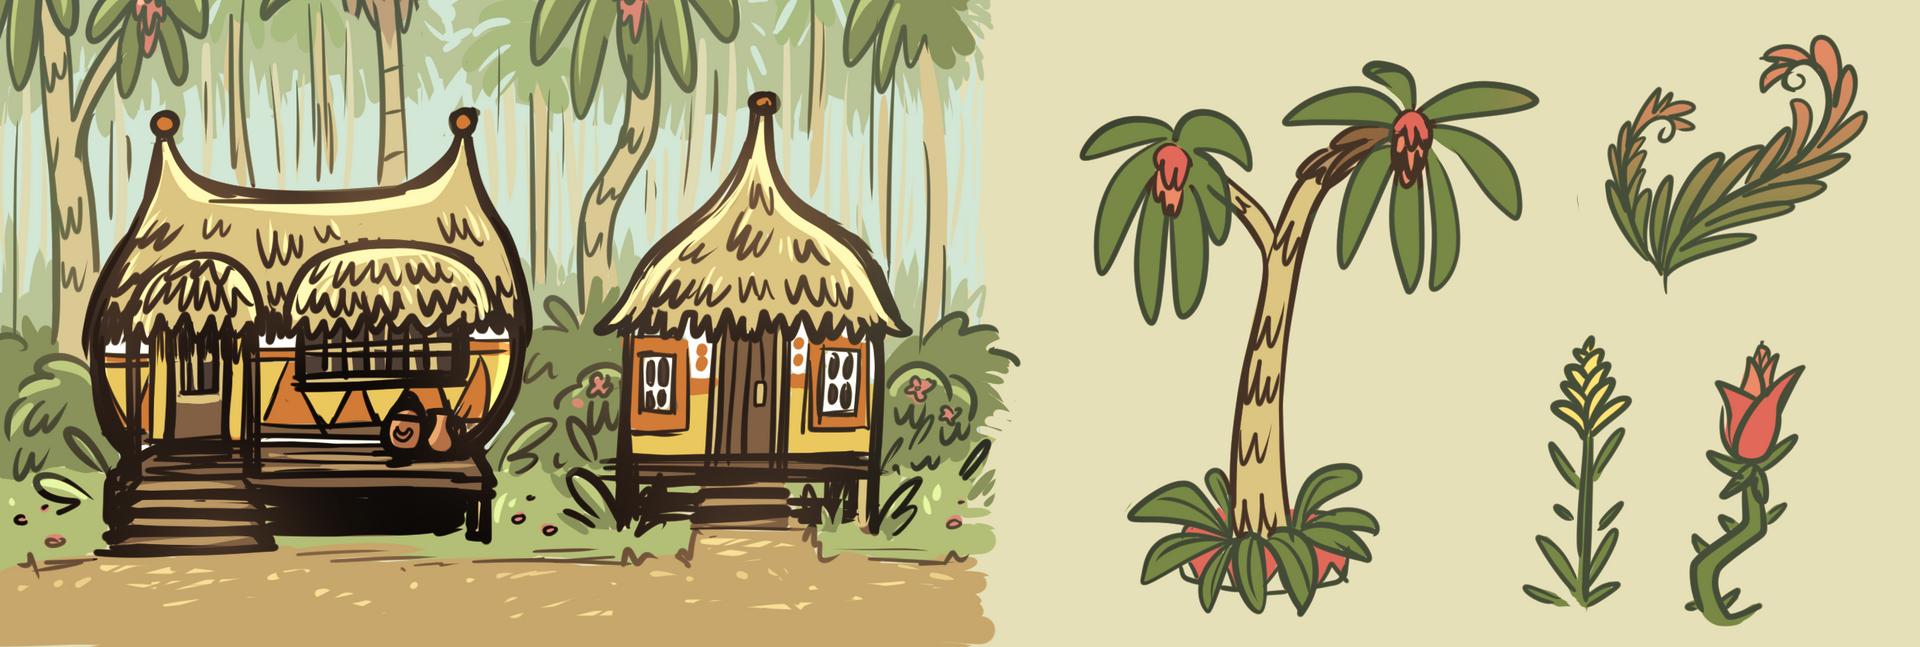 Village concept art